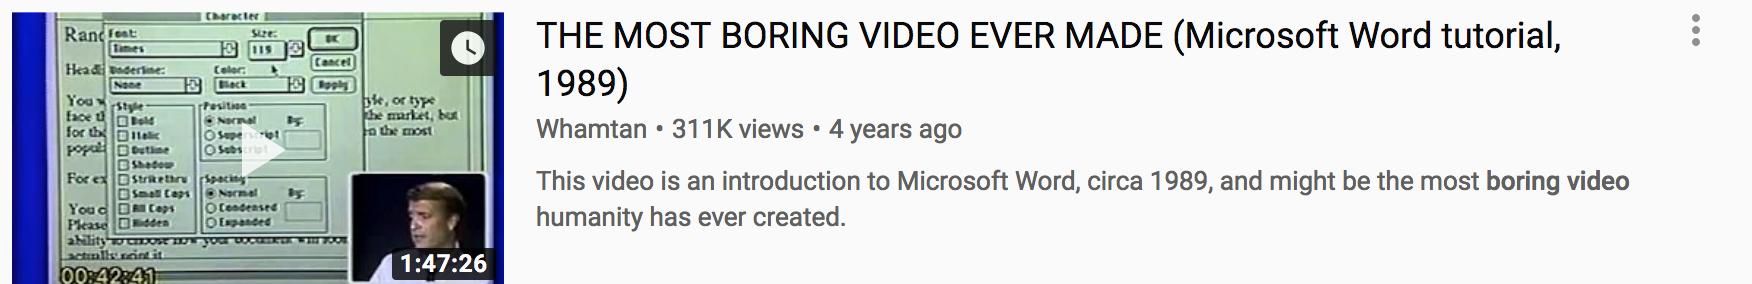 YouTube SEO.